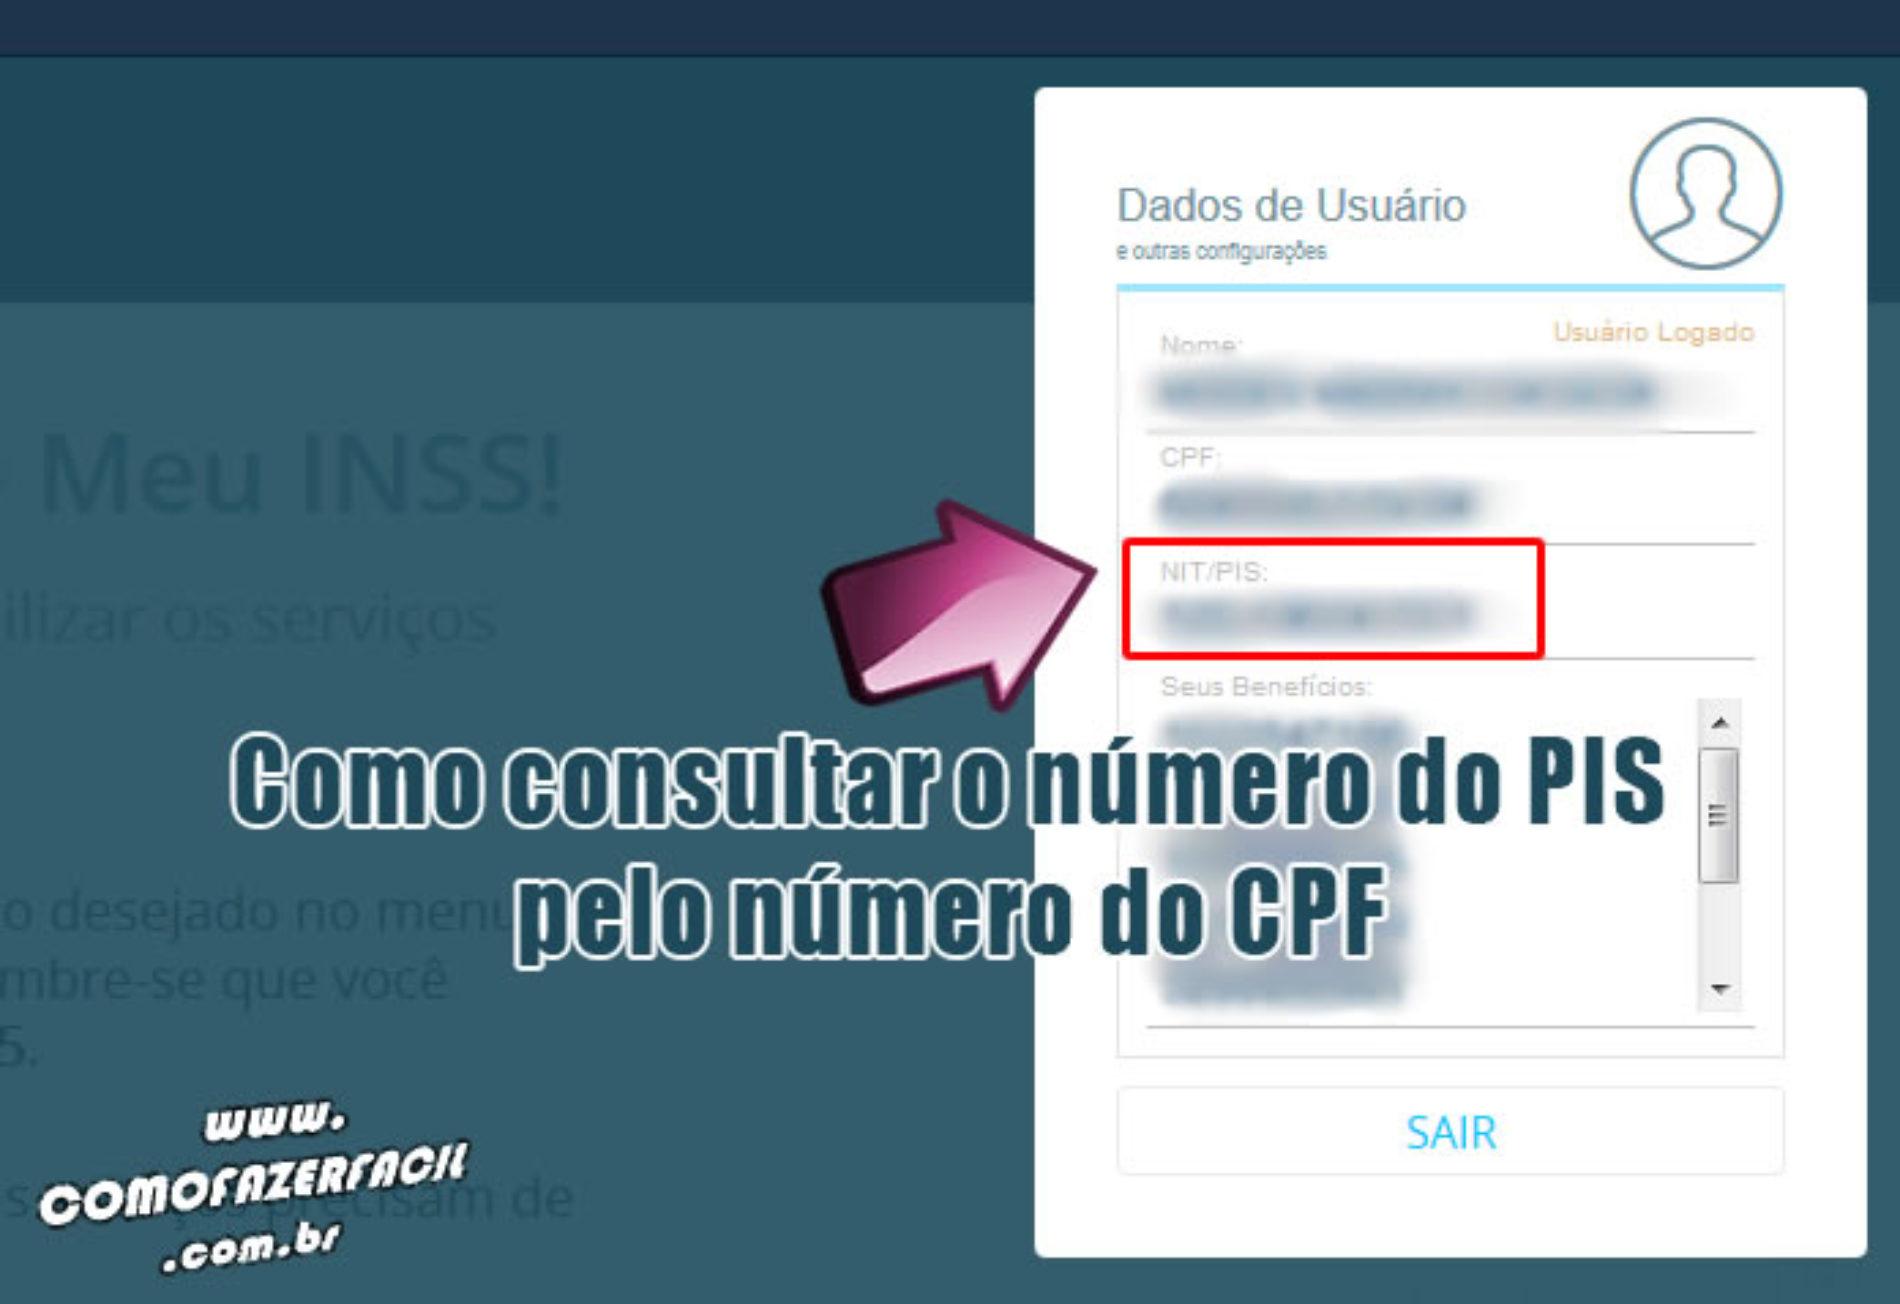 Como fazer para consultar o PIS pelo CPF online